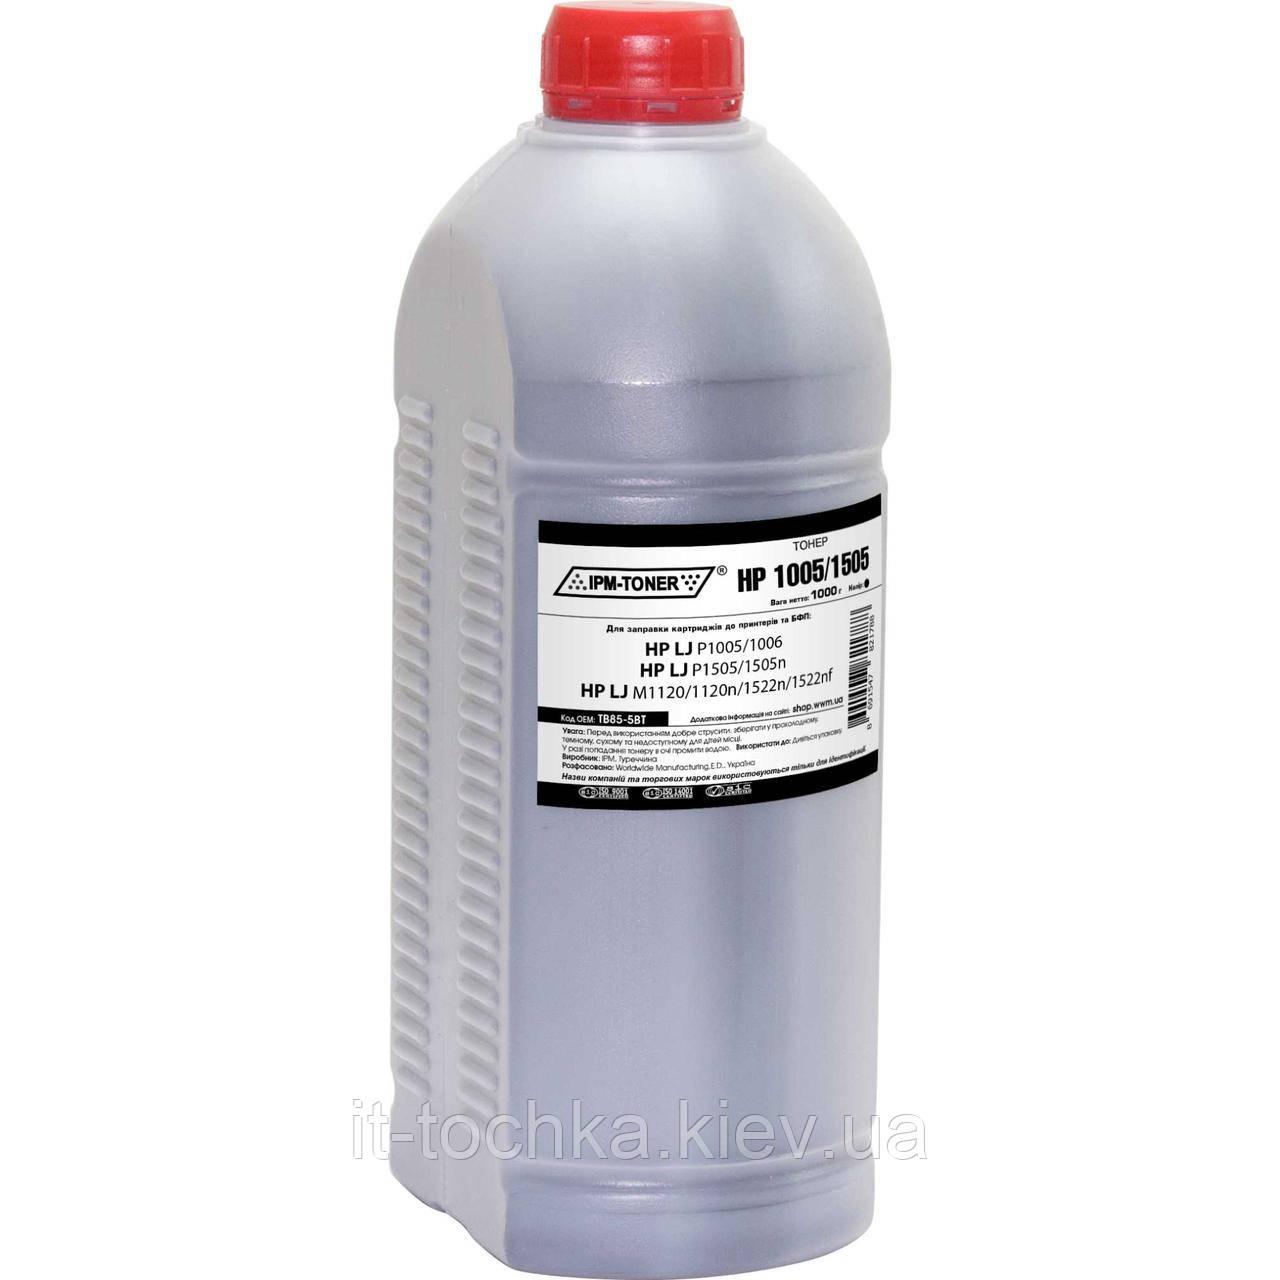 Черный тонер ipm для hp lj p1005/1006/1505 бутль 1000г black (tb85-5bt)